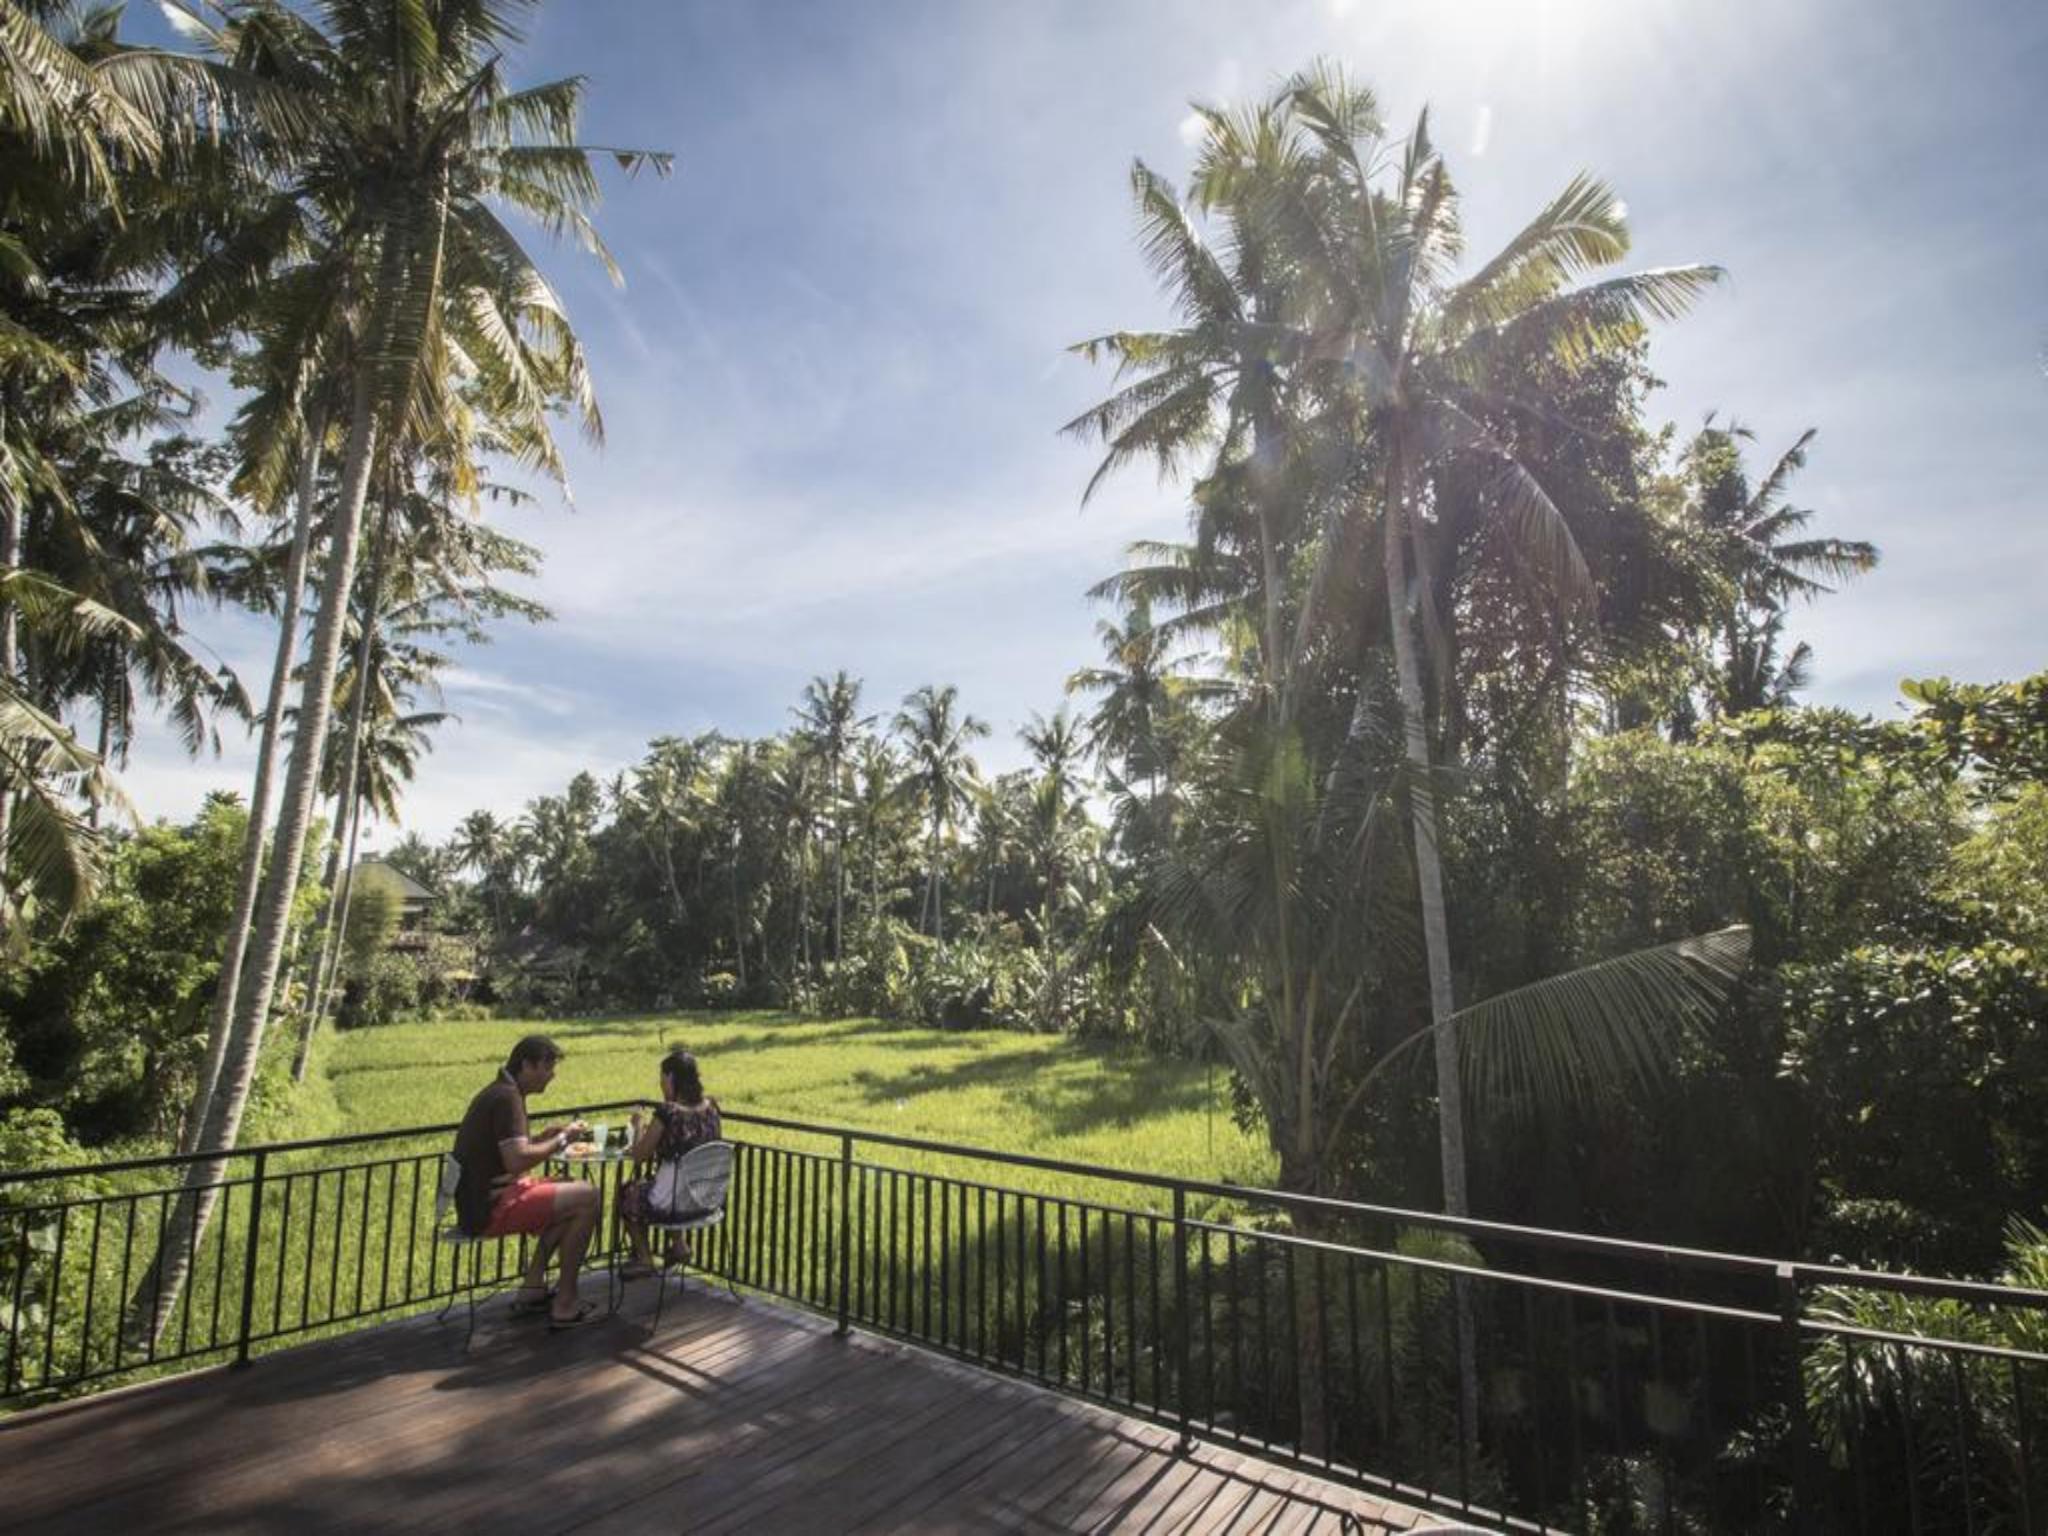 Junjungan Serenity Villas & Spa ホテル詳細